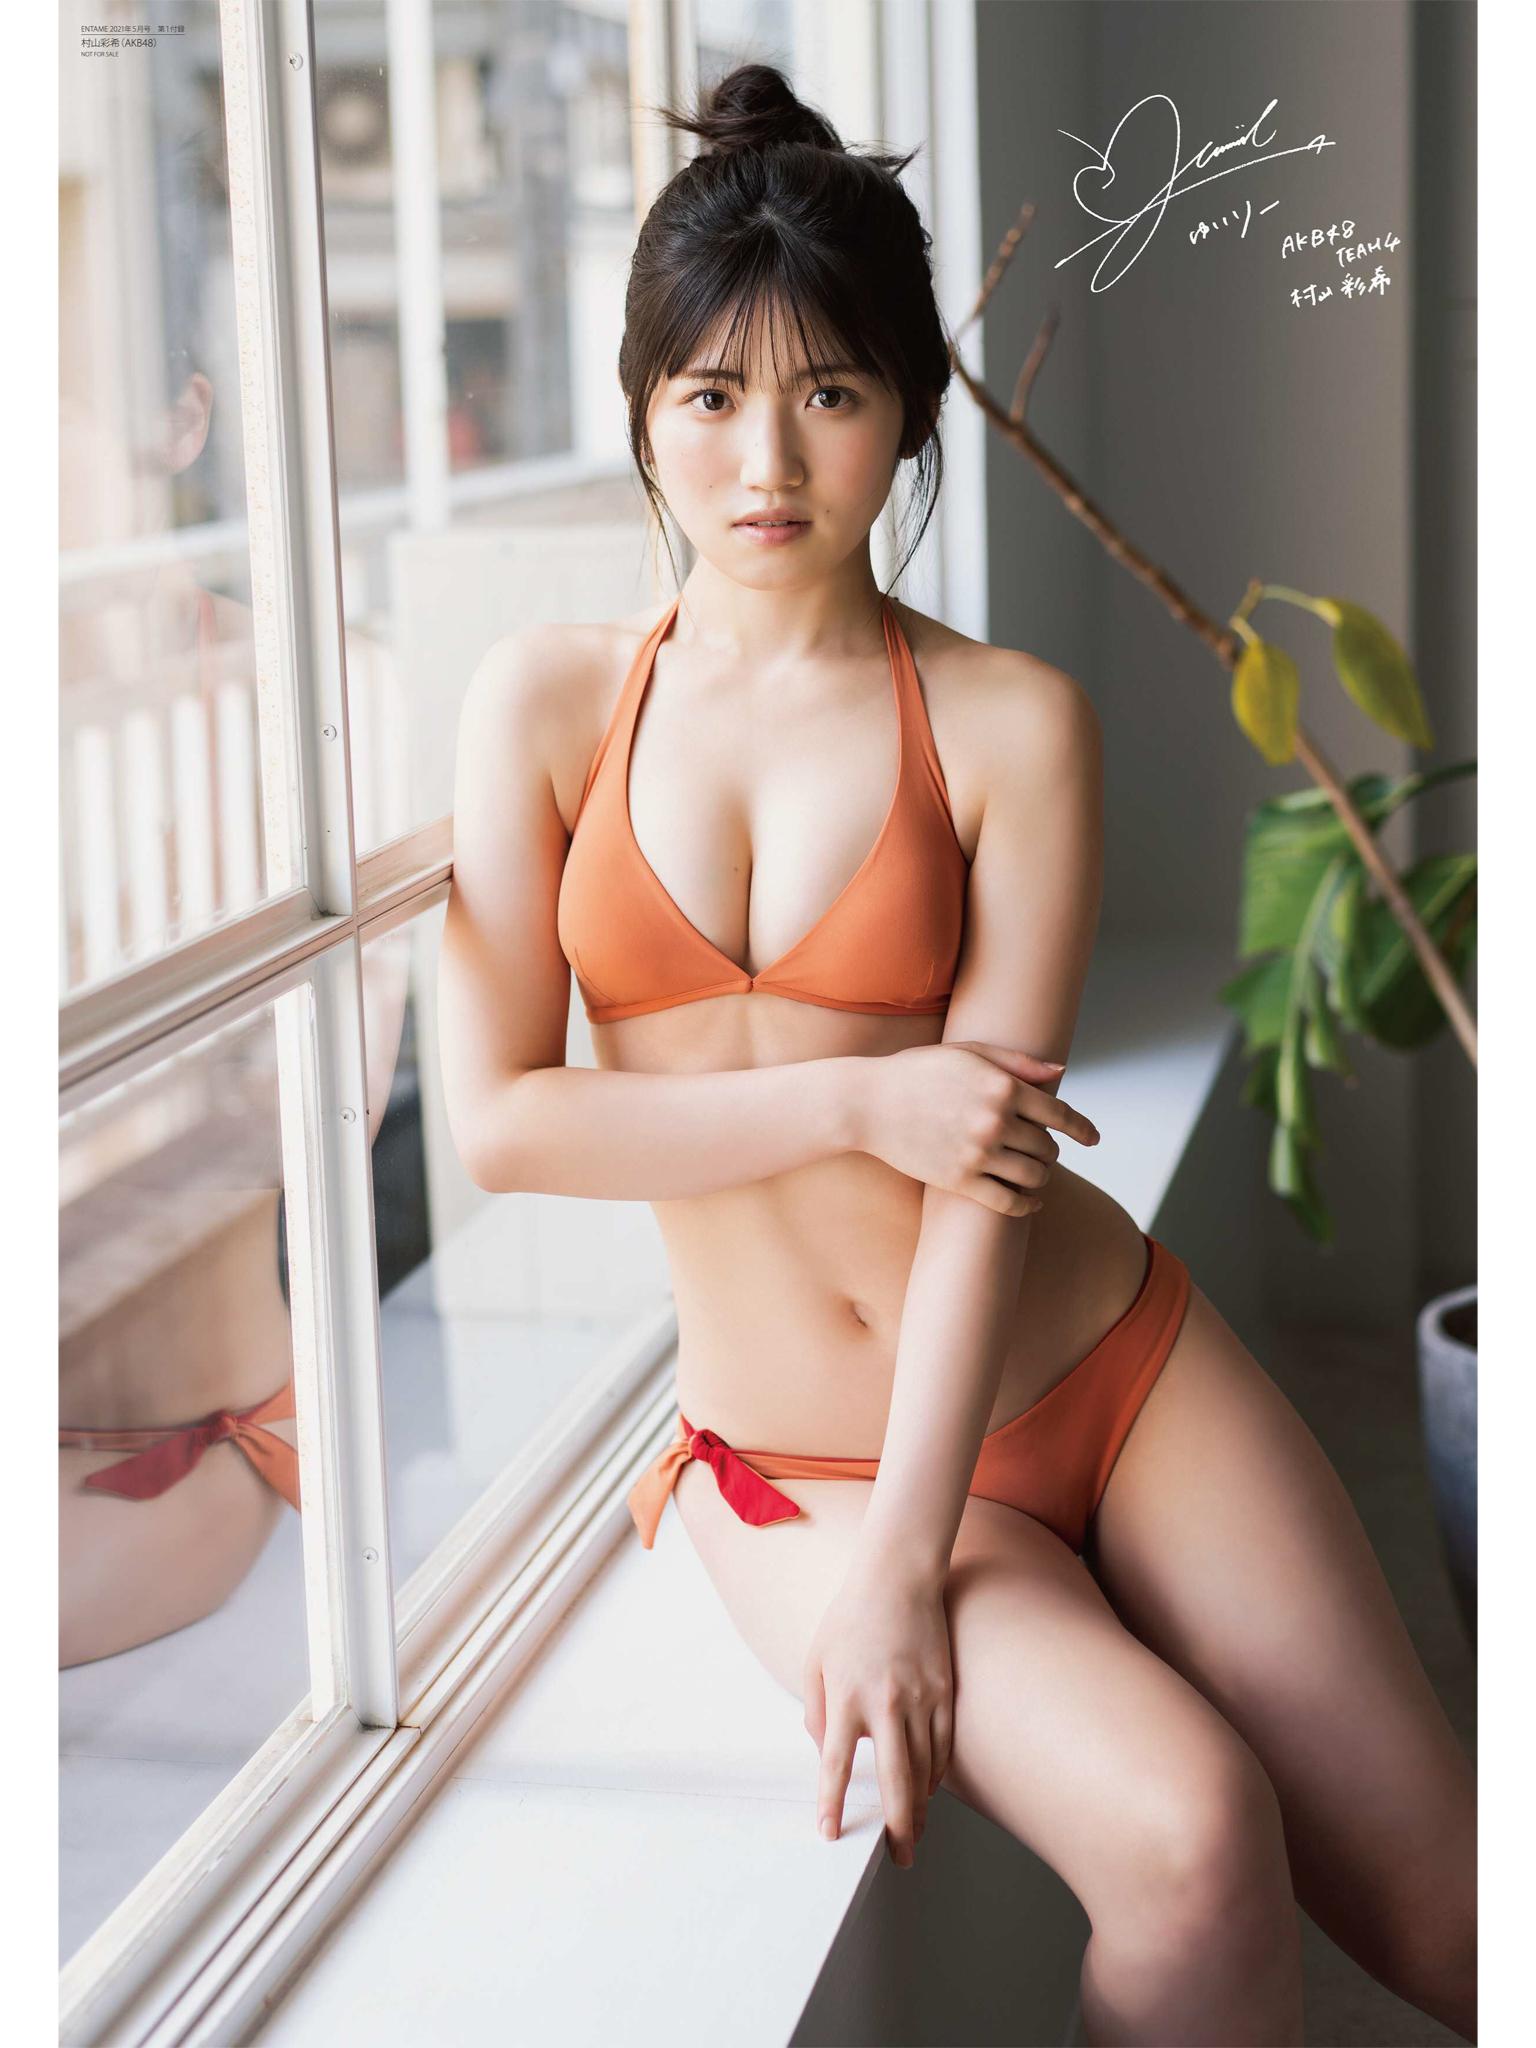 冈田奈奈 × 村山彩希